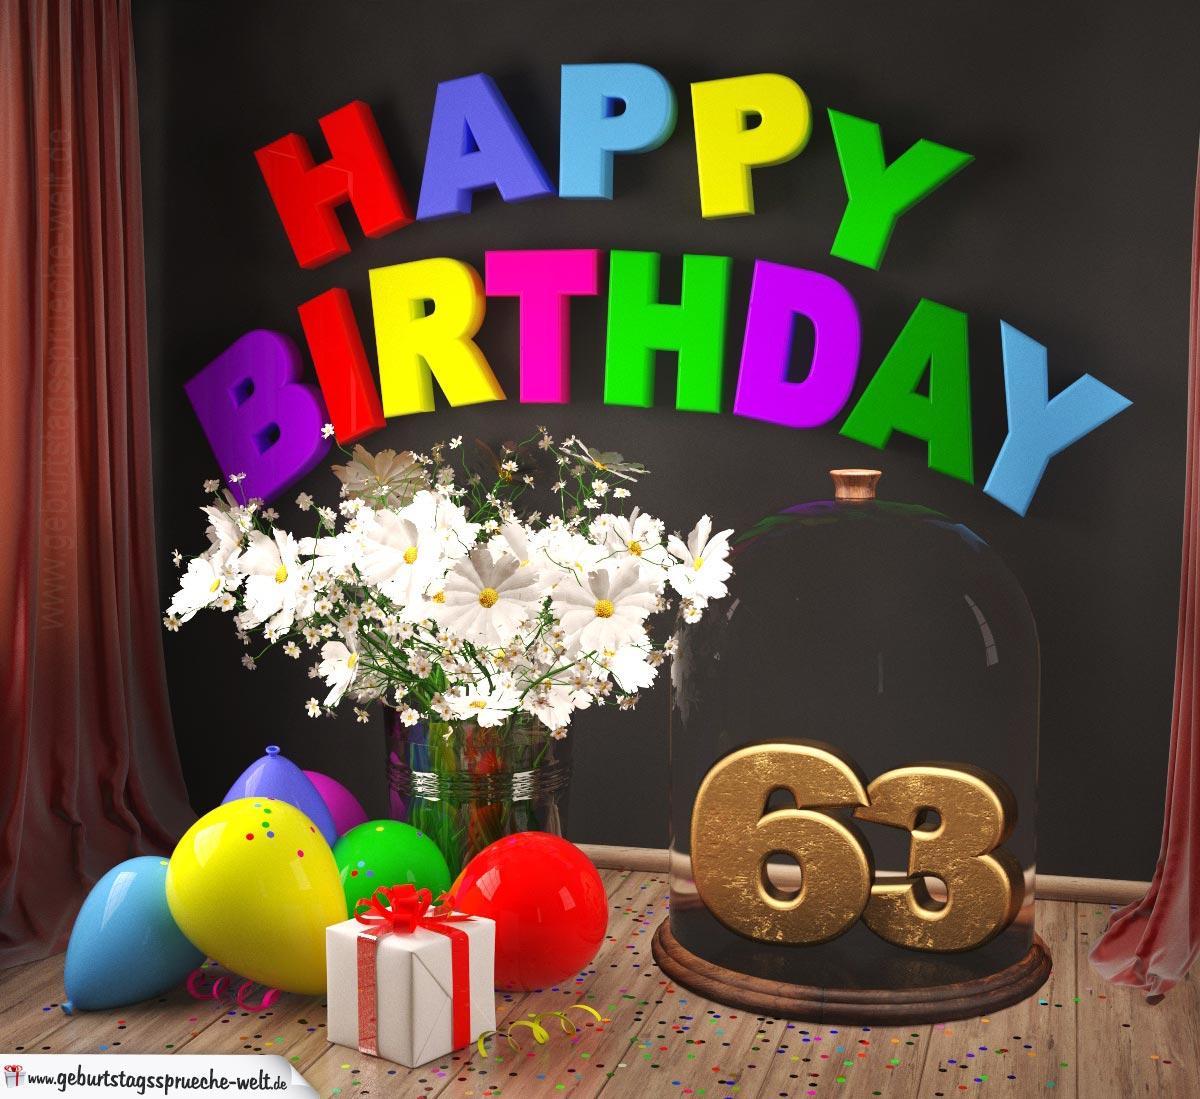 Happy Birthday 63 Jahre Glückwunschkarte mit Margeriten-Blumenstrauß, Luftballons und Geschenk unter Glasglocke